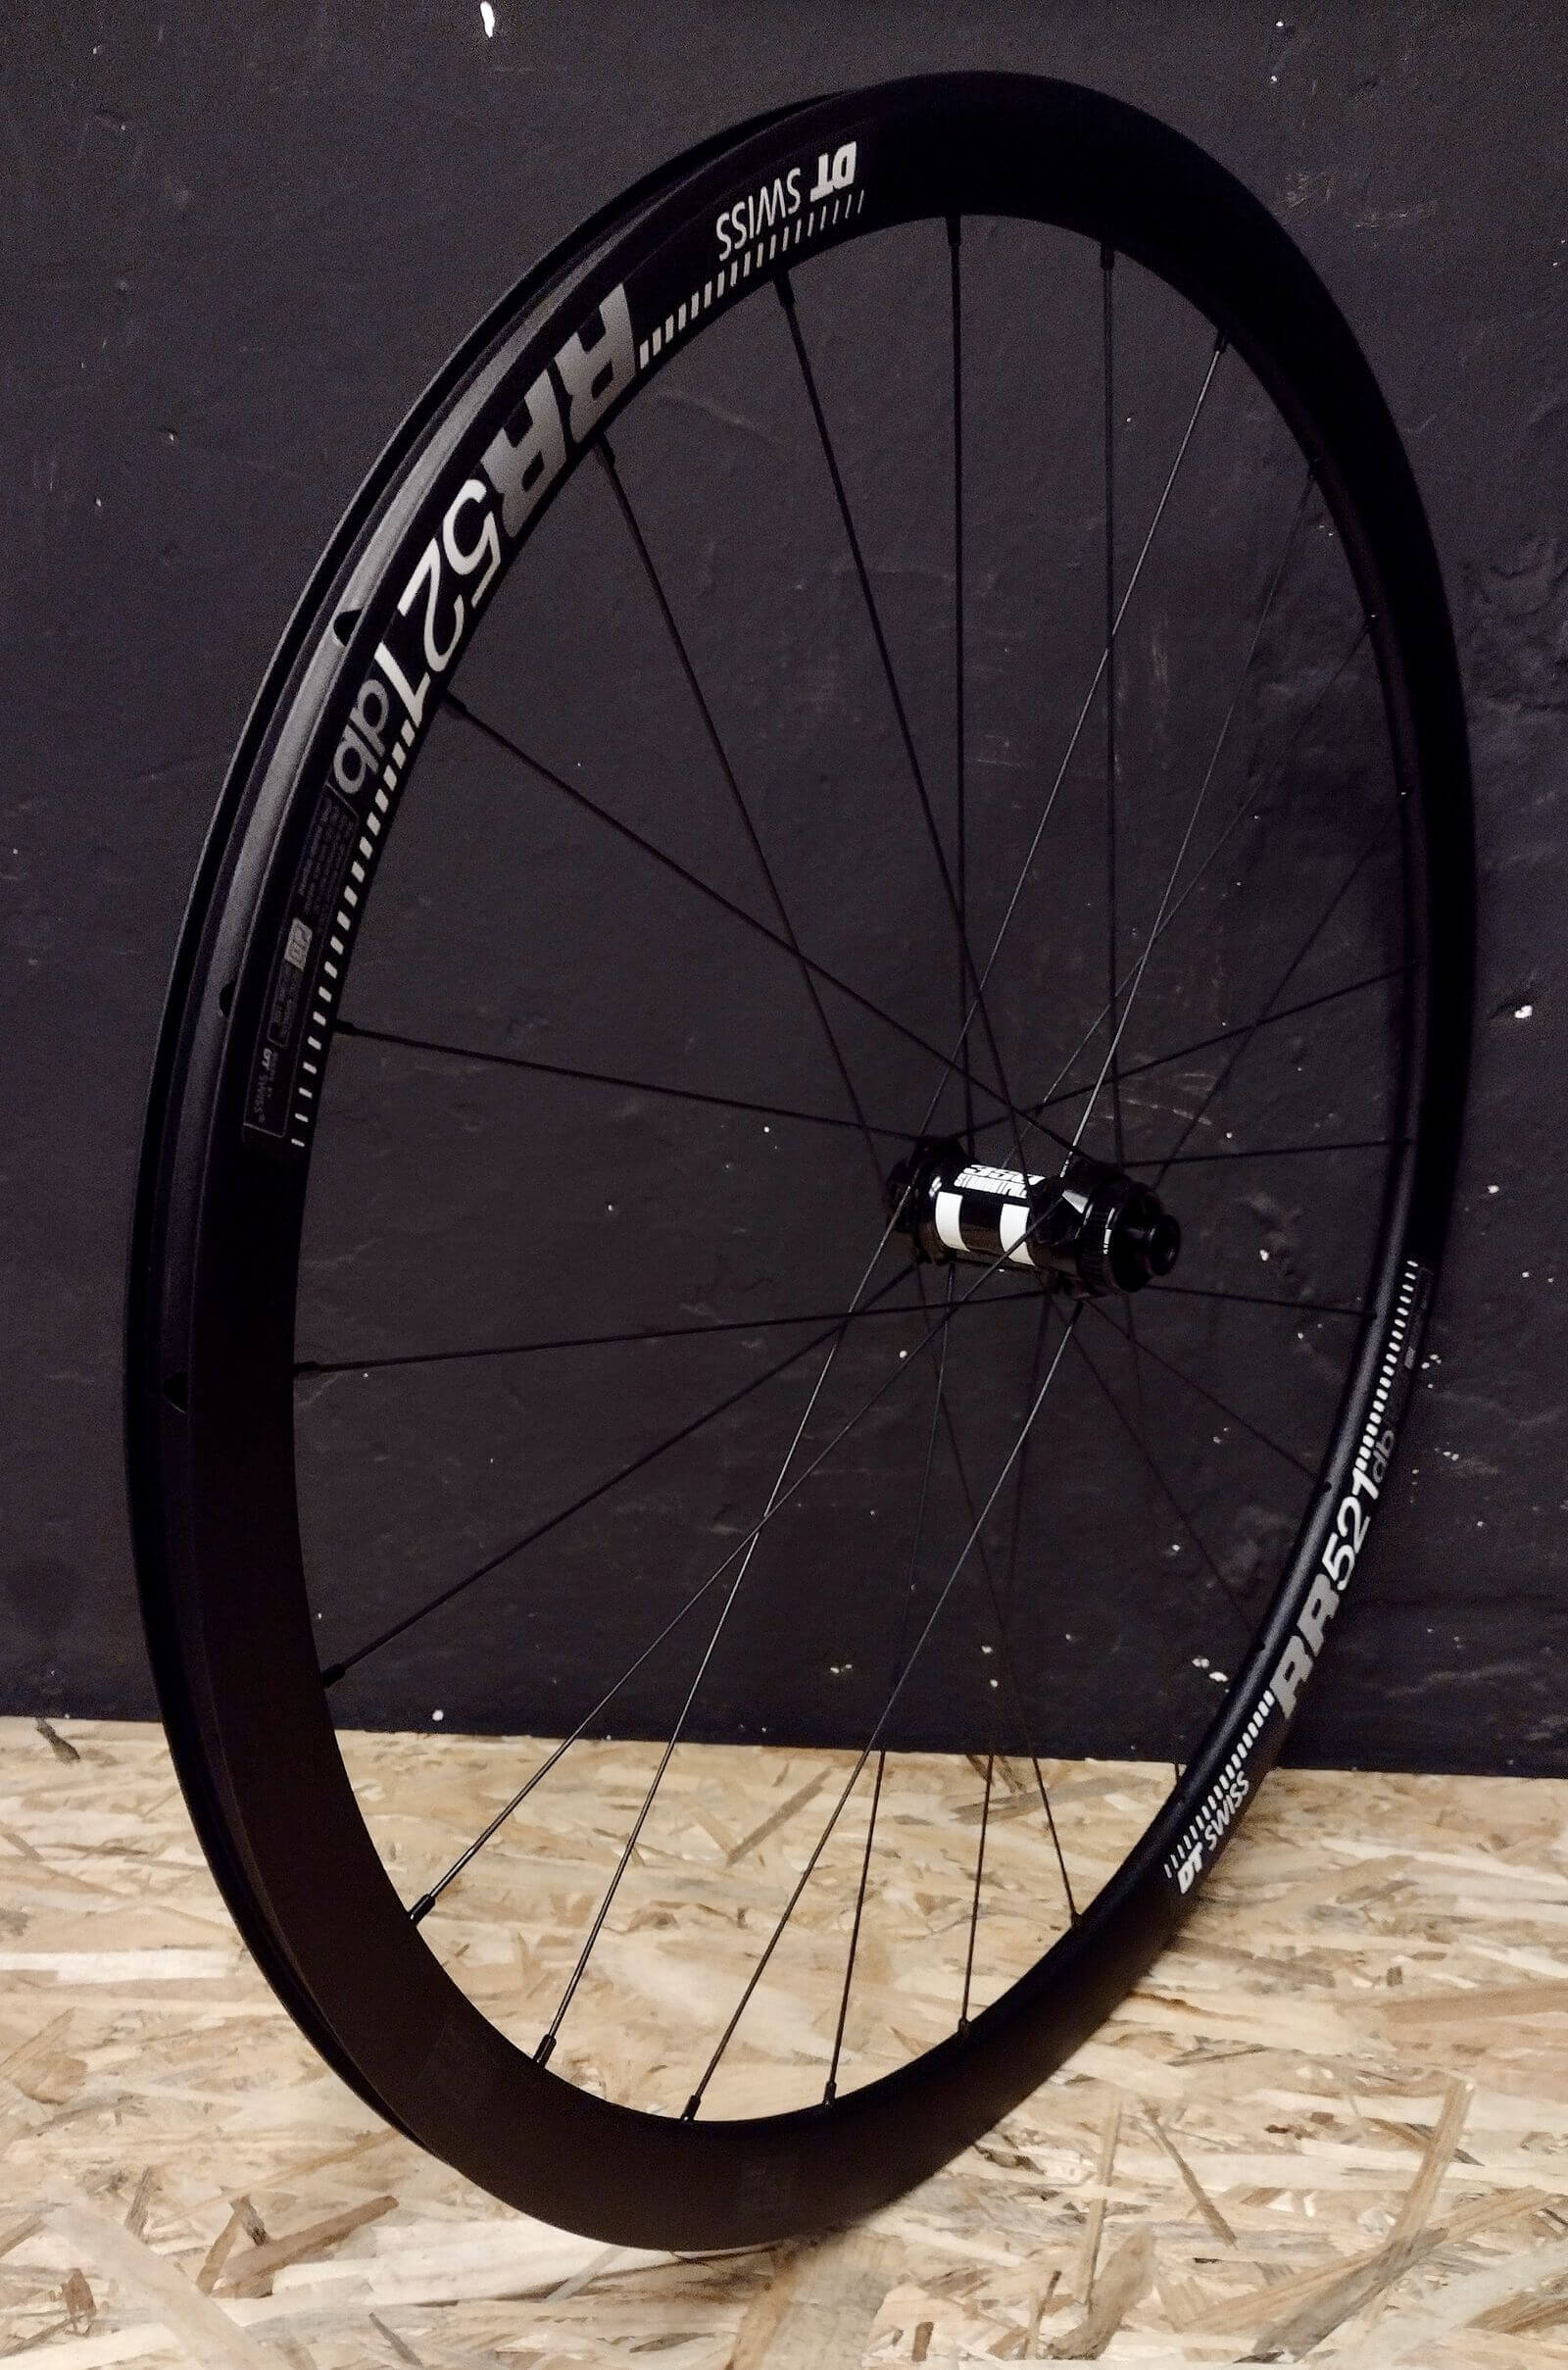 DT Swiss RR521 DT Swiss 350 StraightPull Pillar Przednie koło Zestaw lekkich aluminiowych kół do roweru szosowego endurance